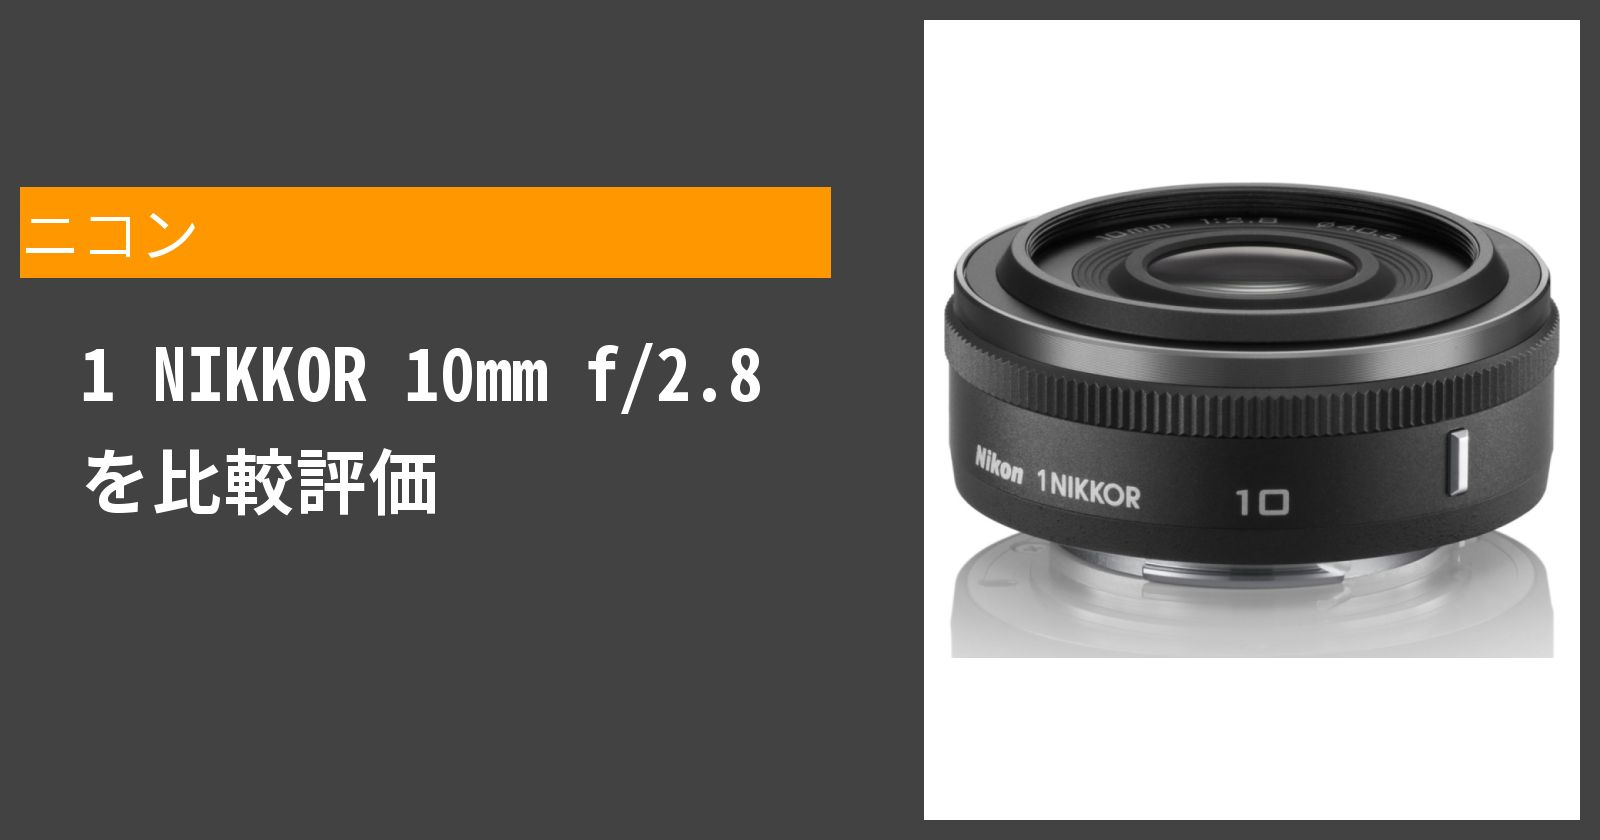 1 NIKKOR 10mm f/2.8を徹底評価